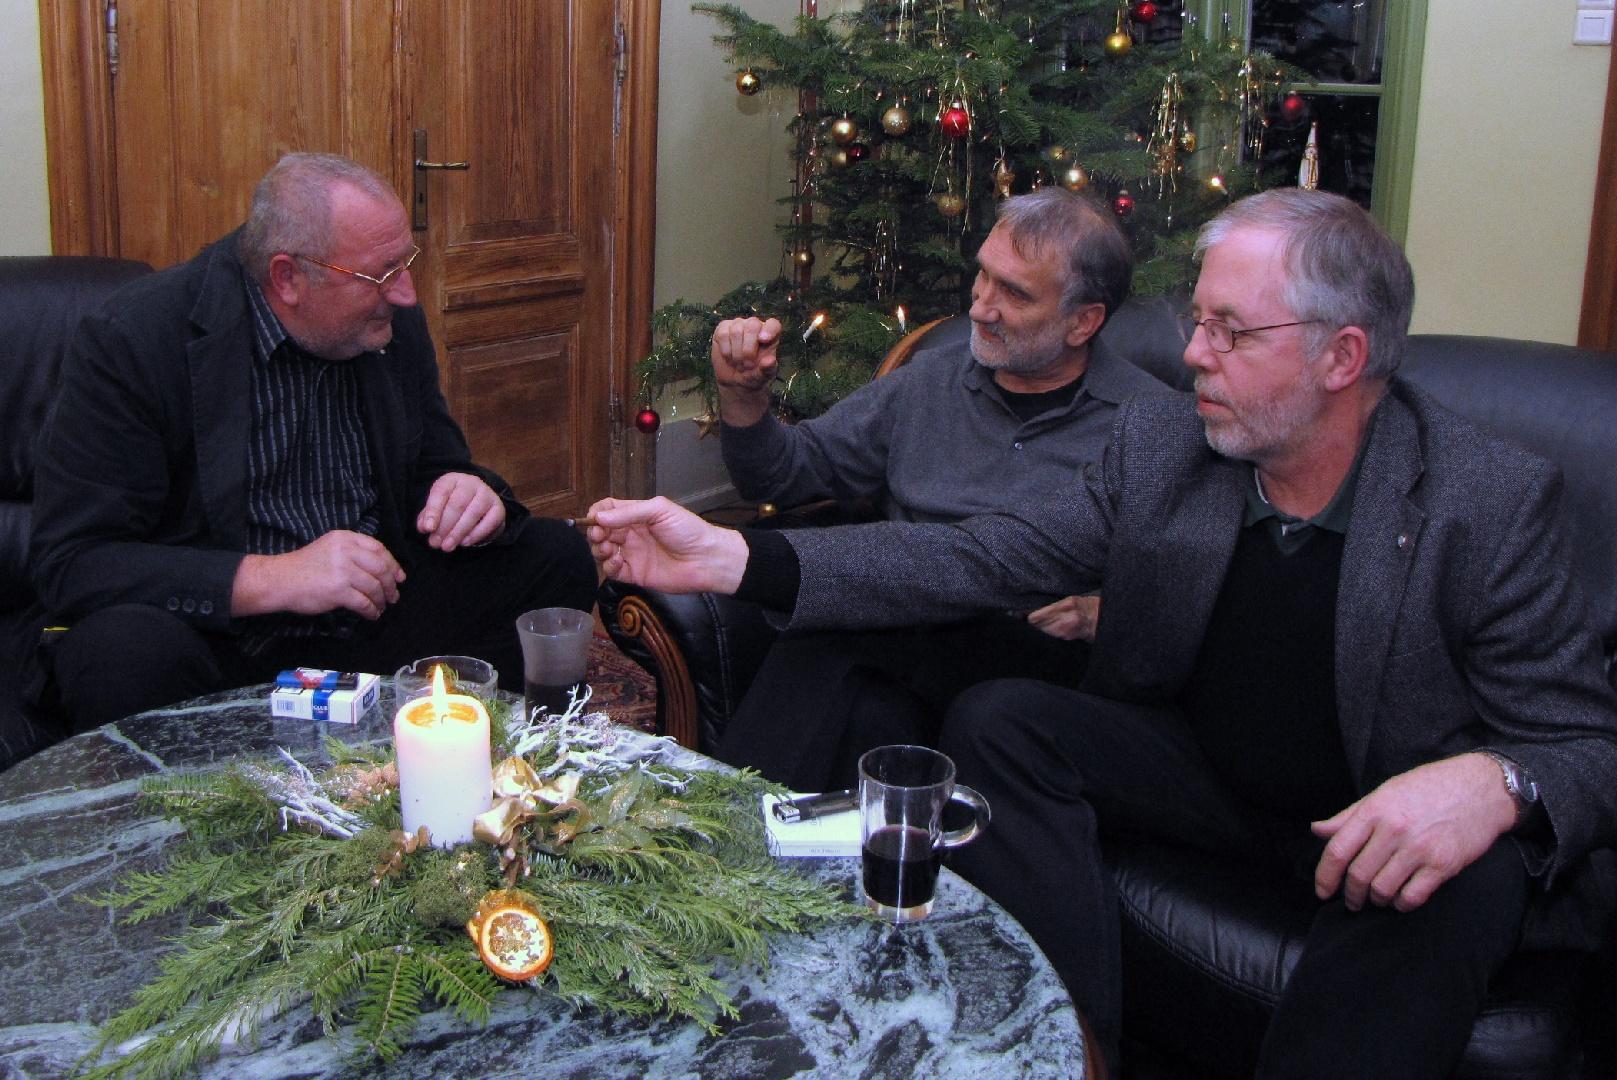 2009-12-11_OT-Weihnachtsessen_34